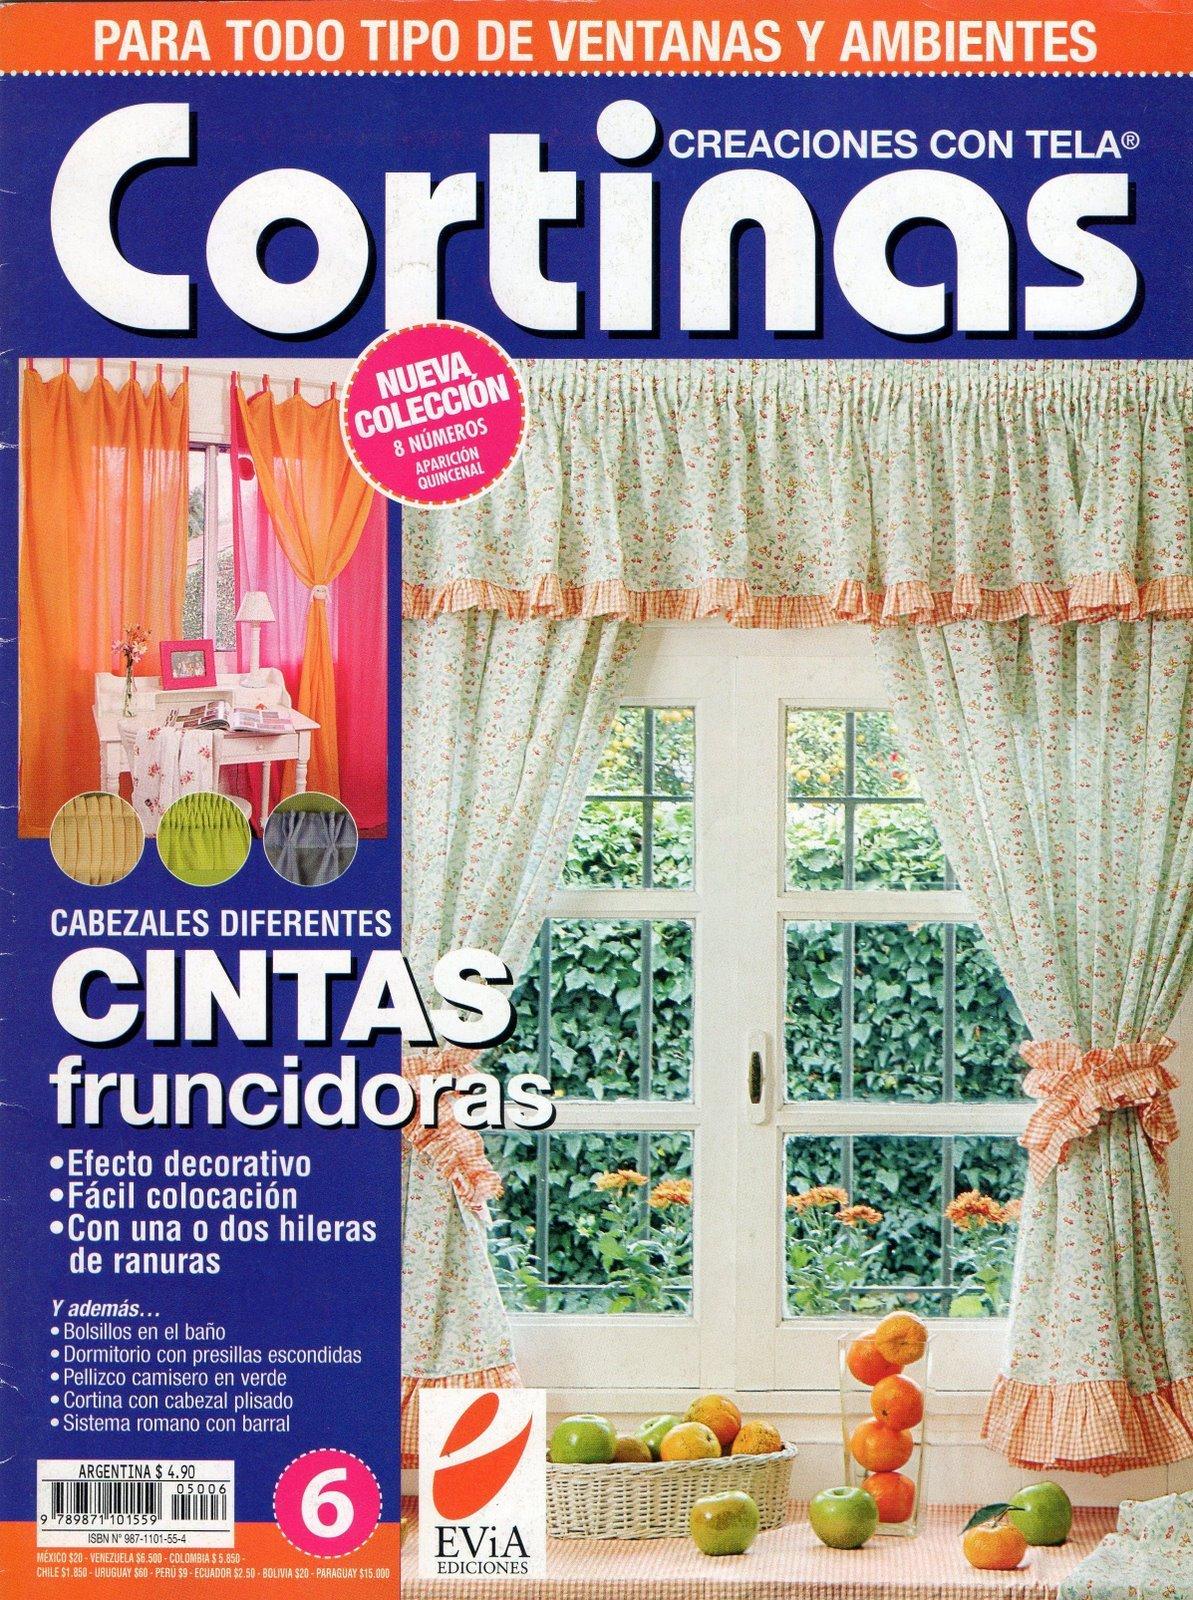 Cortinas De Baño Utilisima:Como Hacer Cortinas Con Tela